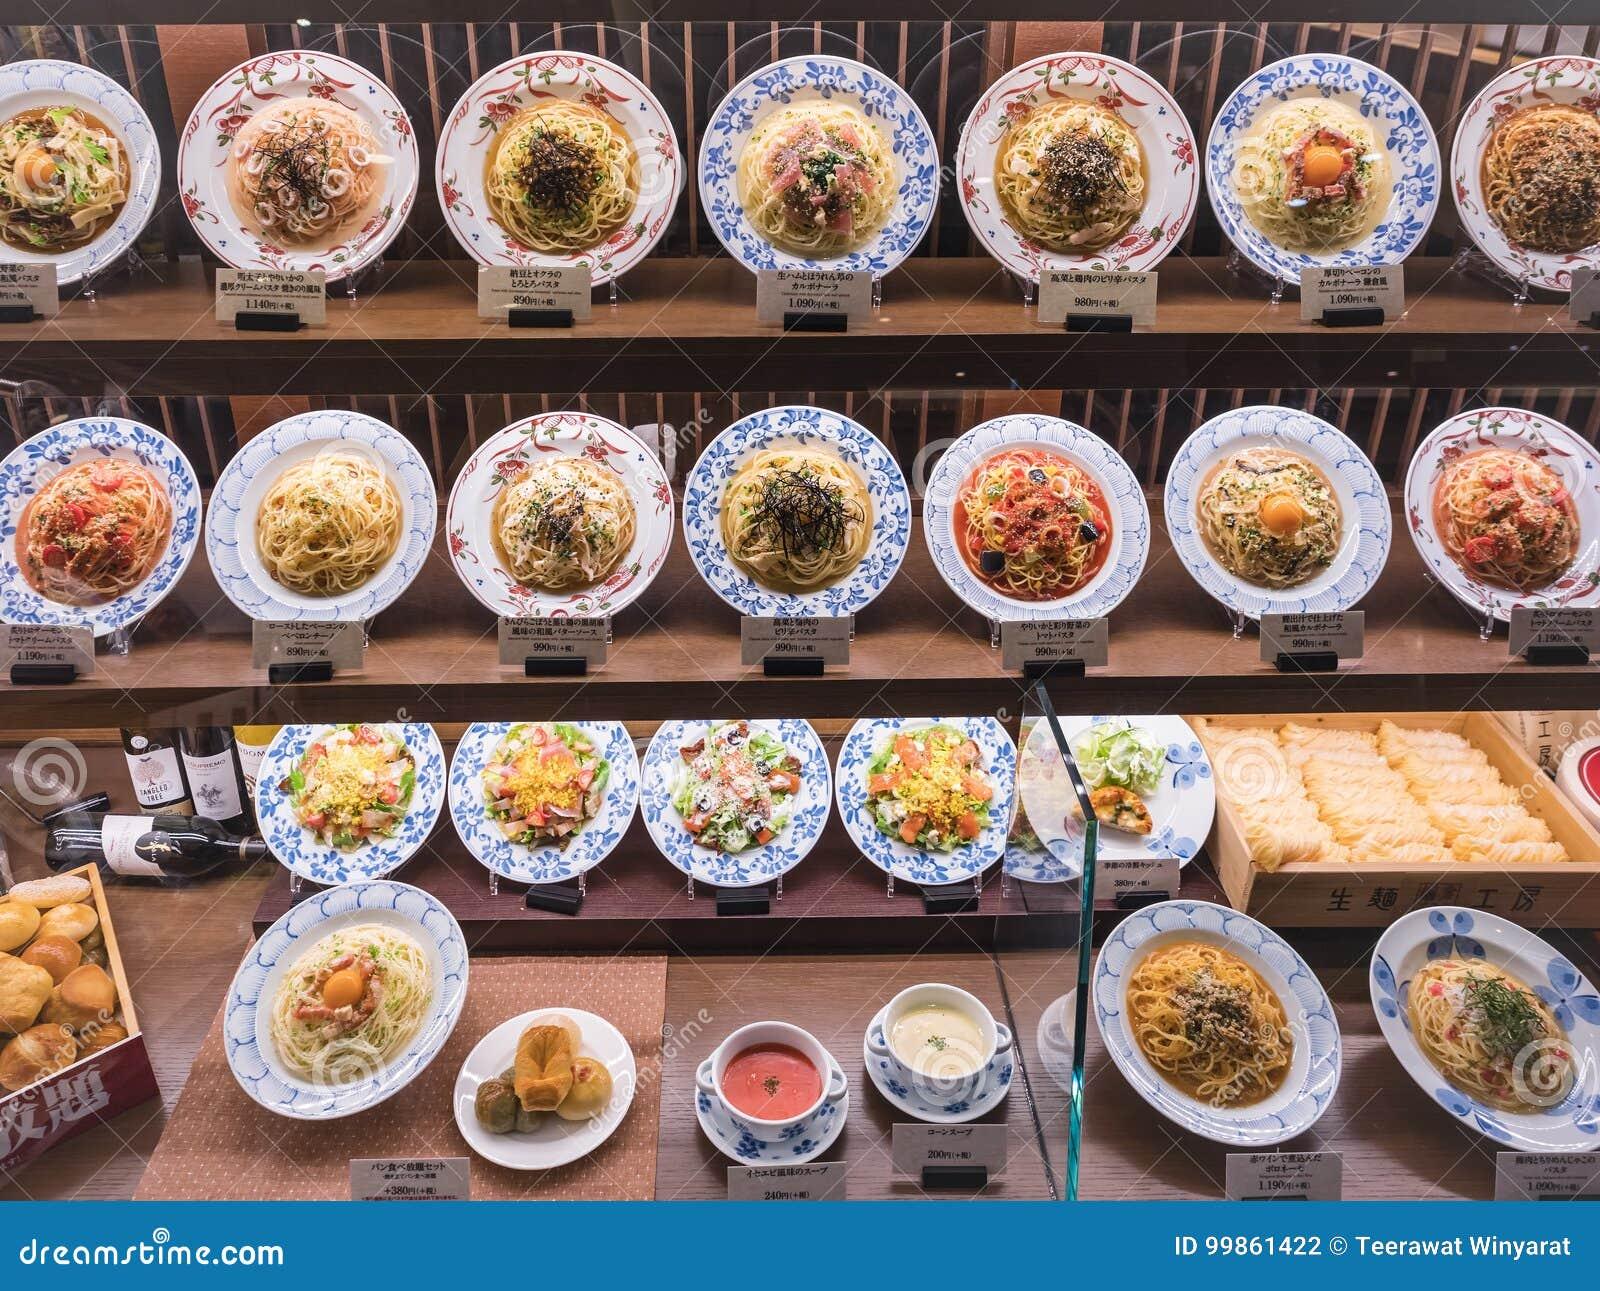 Τα μακαρόνια επίδειξης τροφίμων της Ιαπωνίας καλύπτουν το ιταλικό ιαπωνικό εστιατόριο τήξης